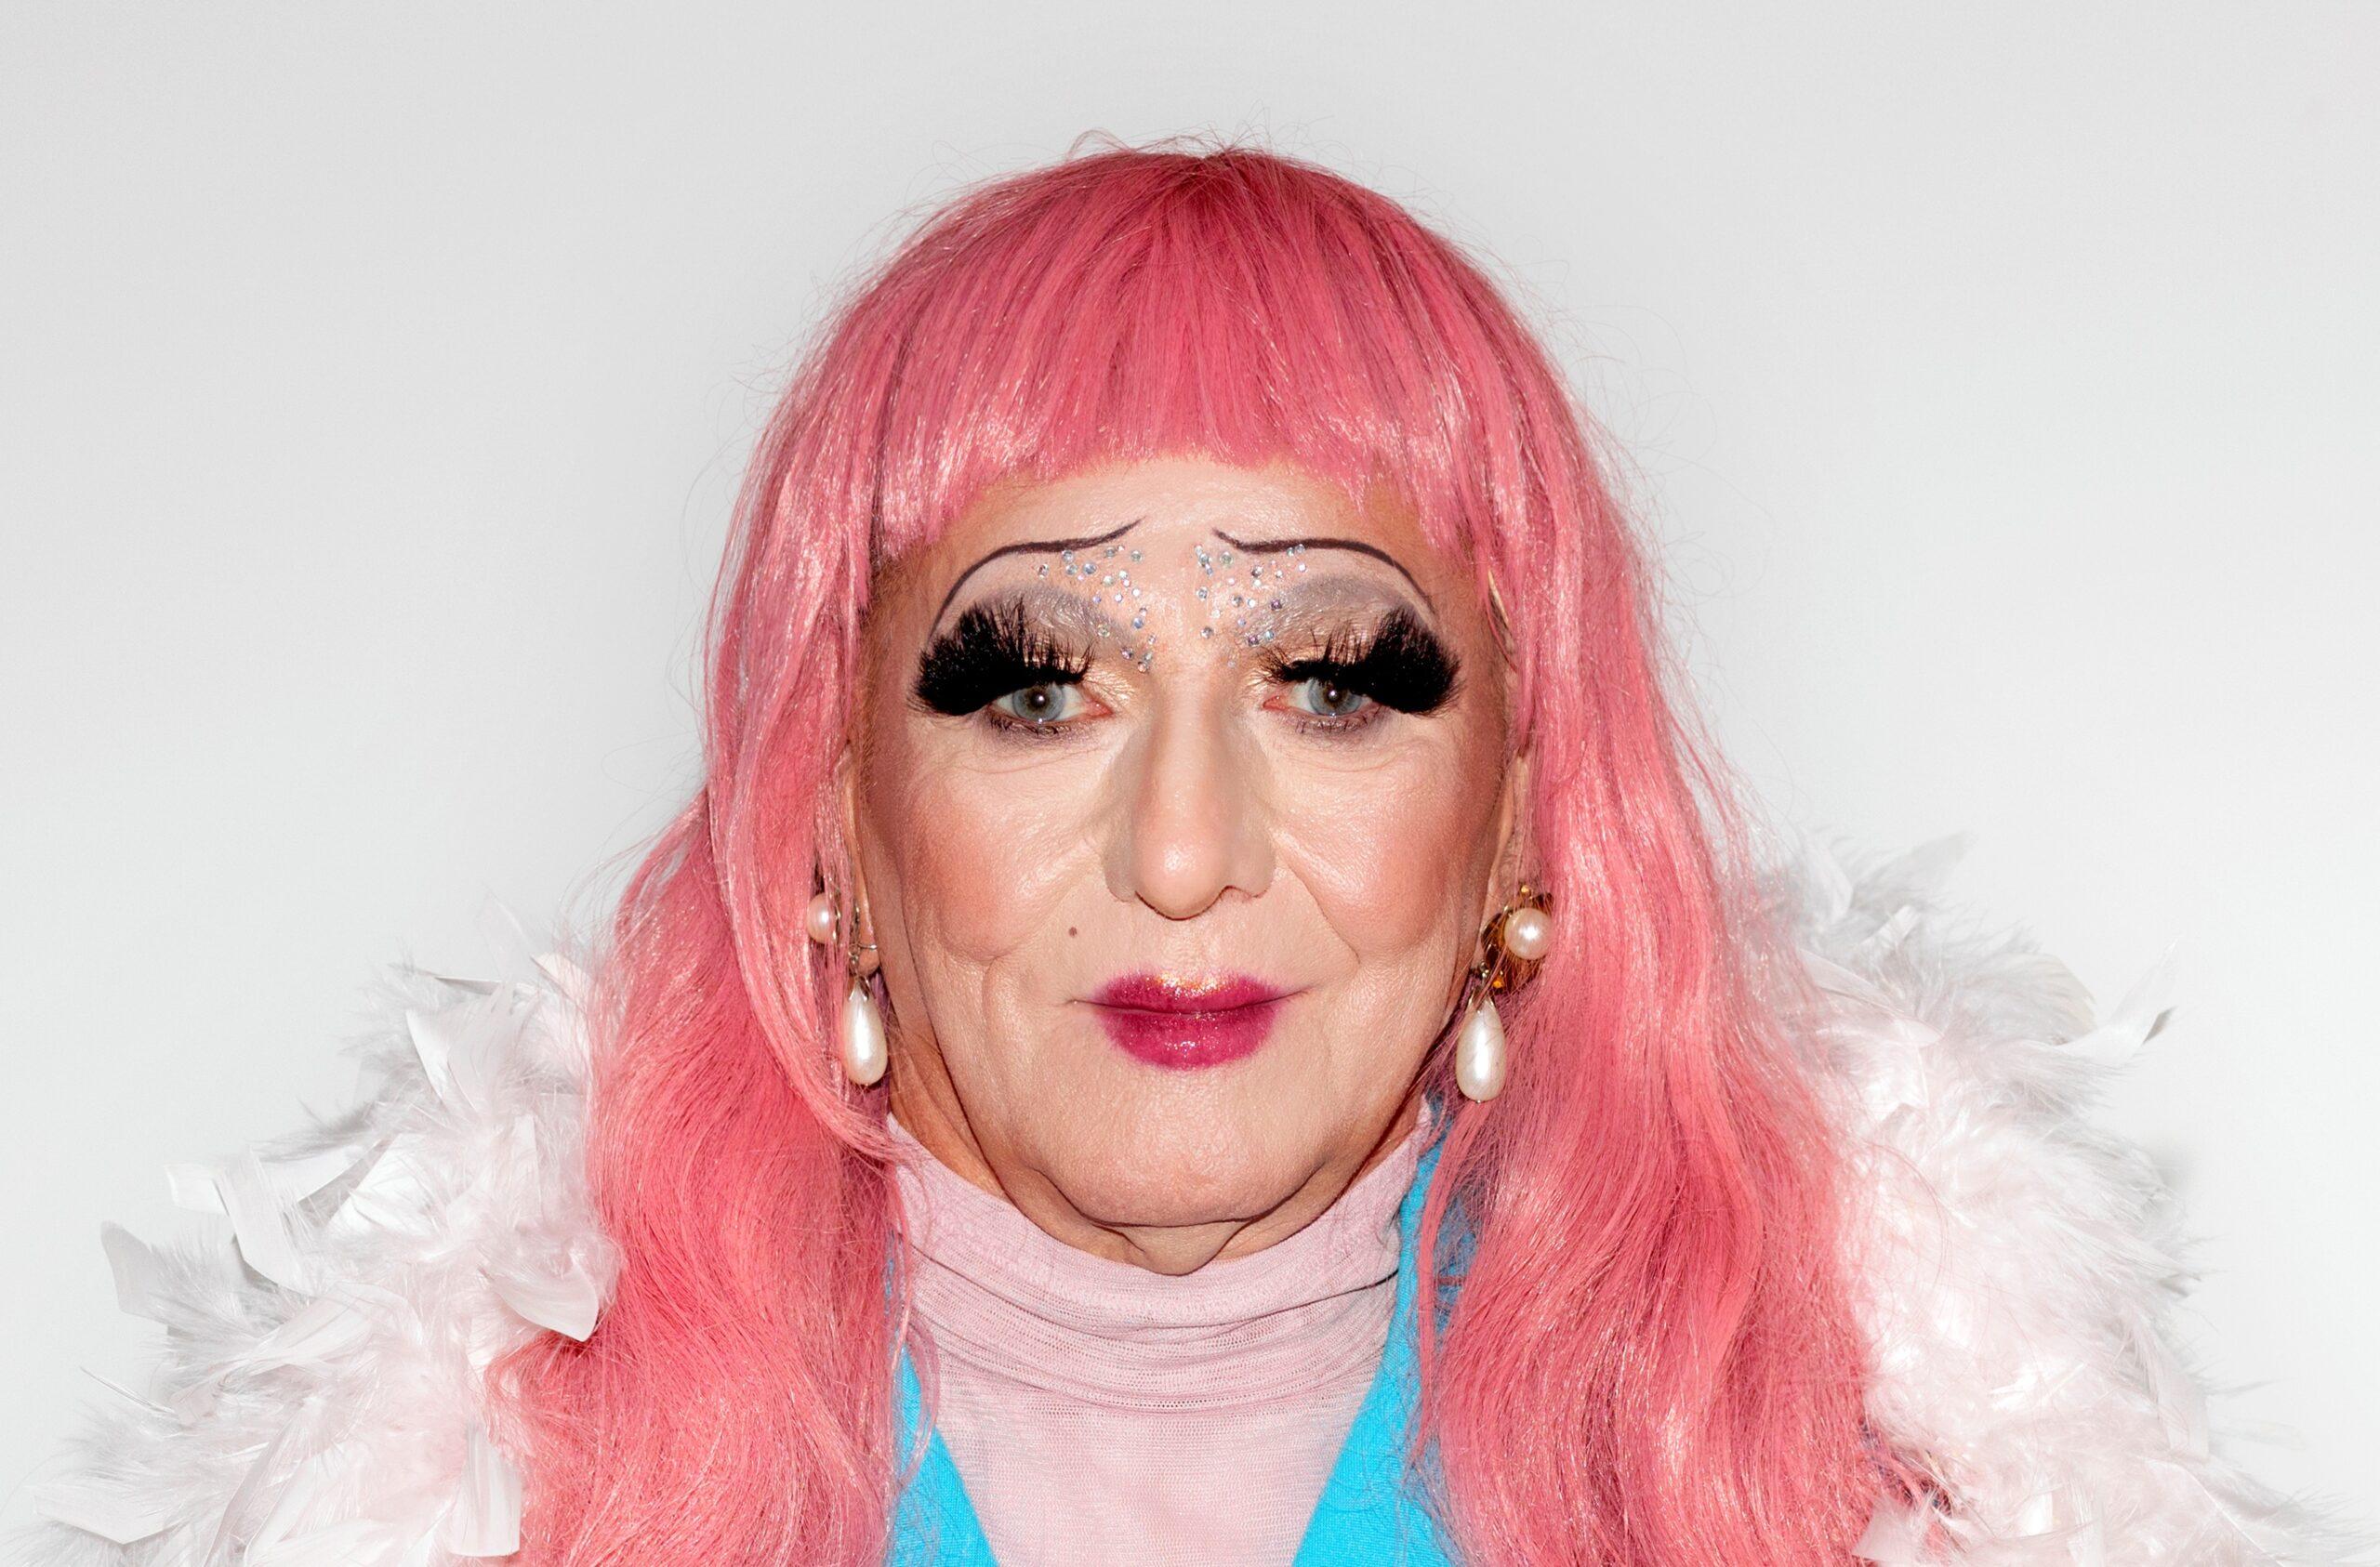 Biało-czerwone kotary: Lulla La Polaca, najstarsza polska drag queen